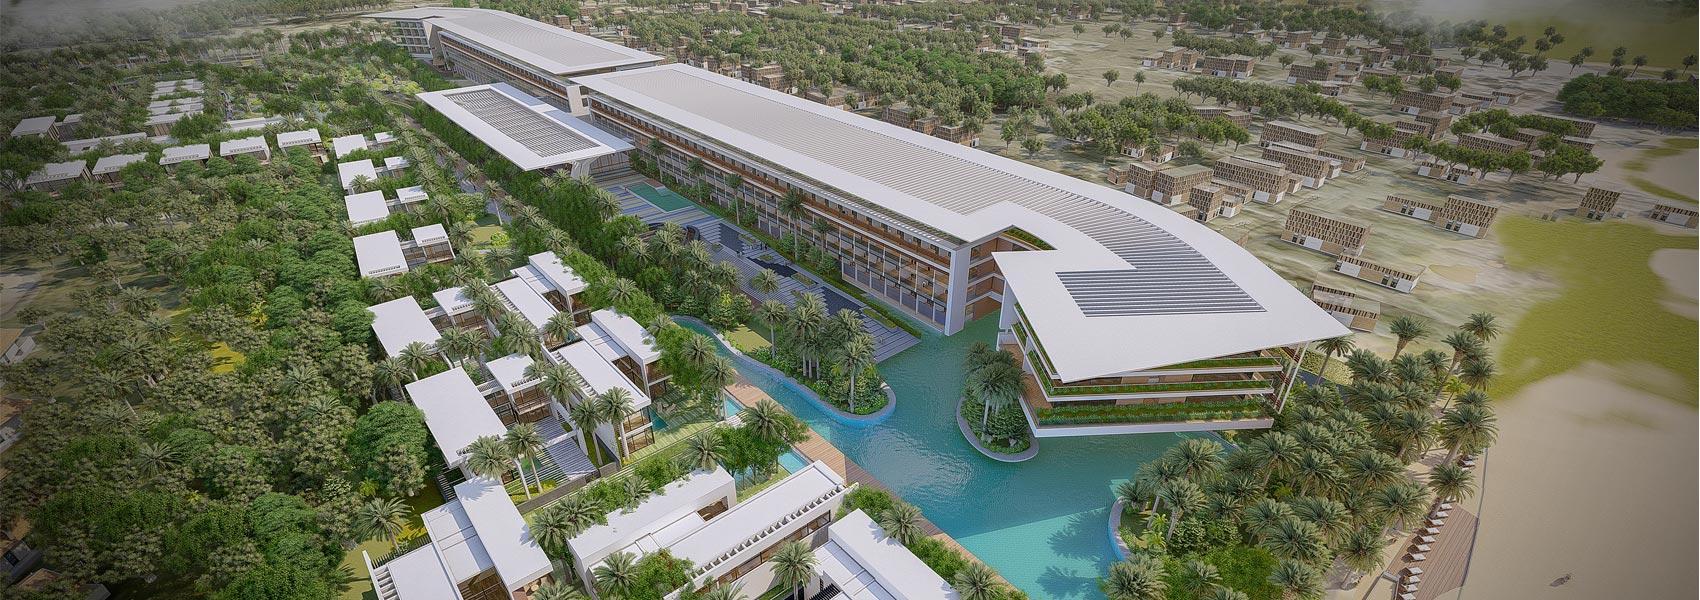 Slide trang chủ dự án căn hộ condotel biệt thự Mũi Né Summer Land Phan Thiết. Mua bán và cho thuê nhà phố, biệt thự